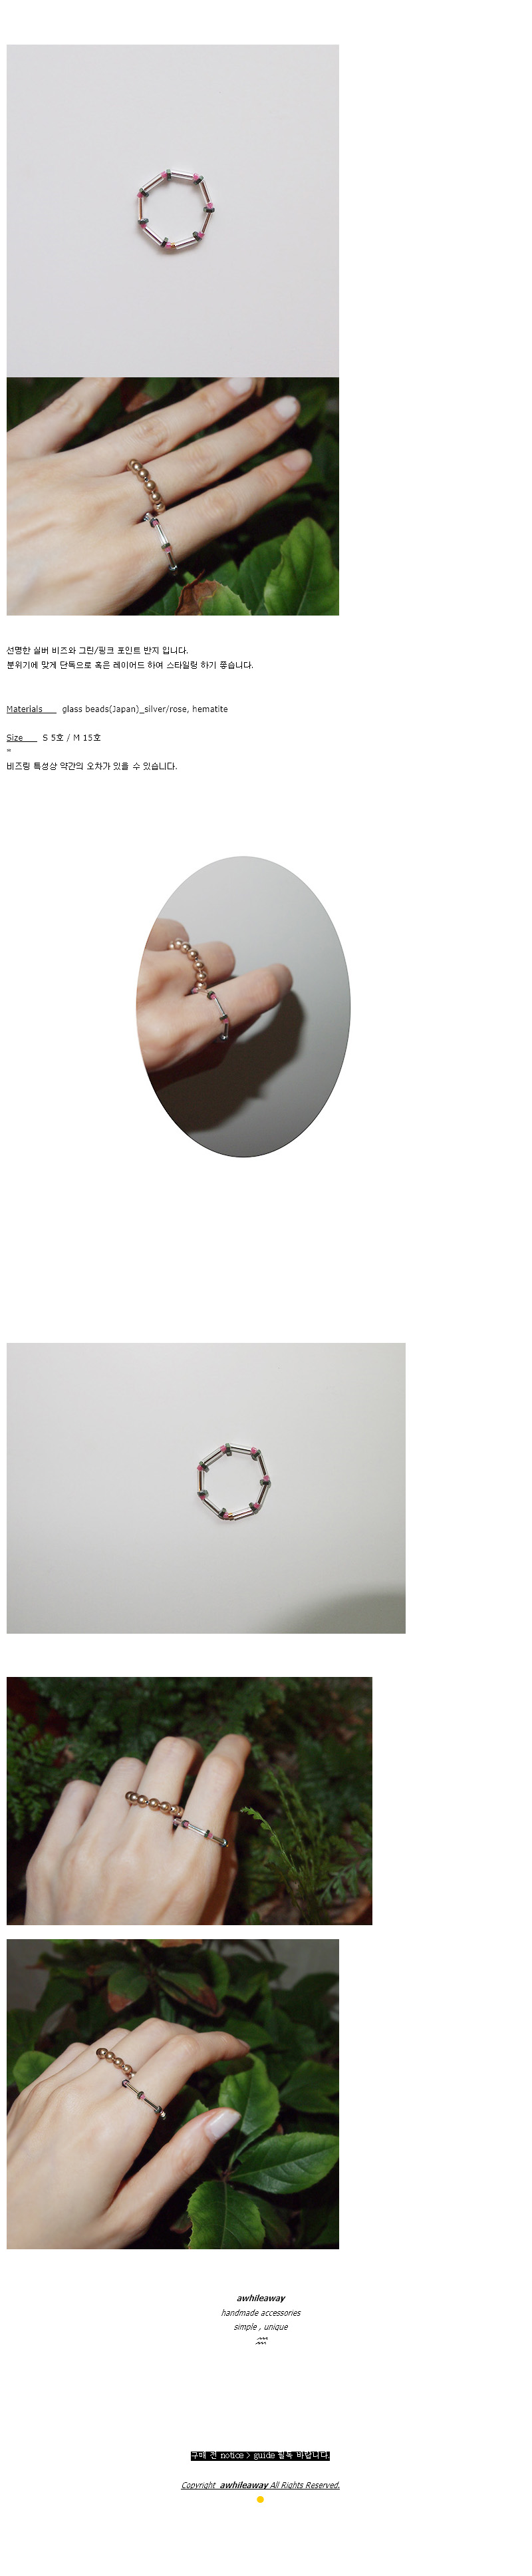 slhr_ring 실버라인 비즈반지 - 어와일어웨이, 7,040원, 패션, 패션반지